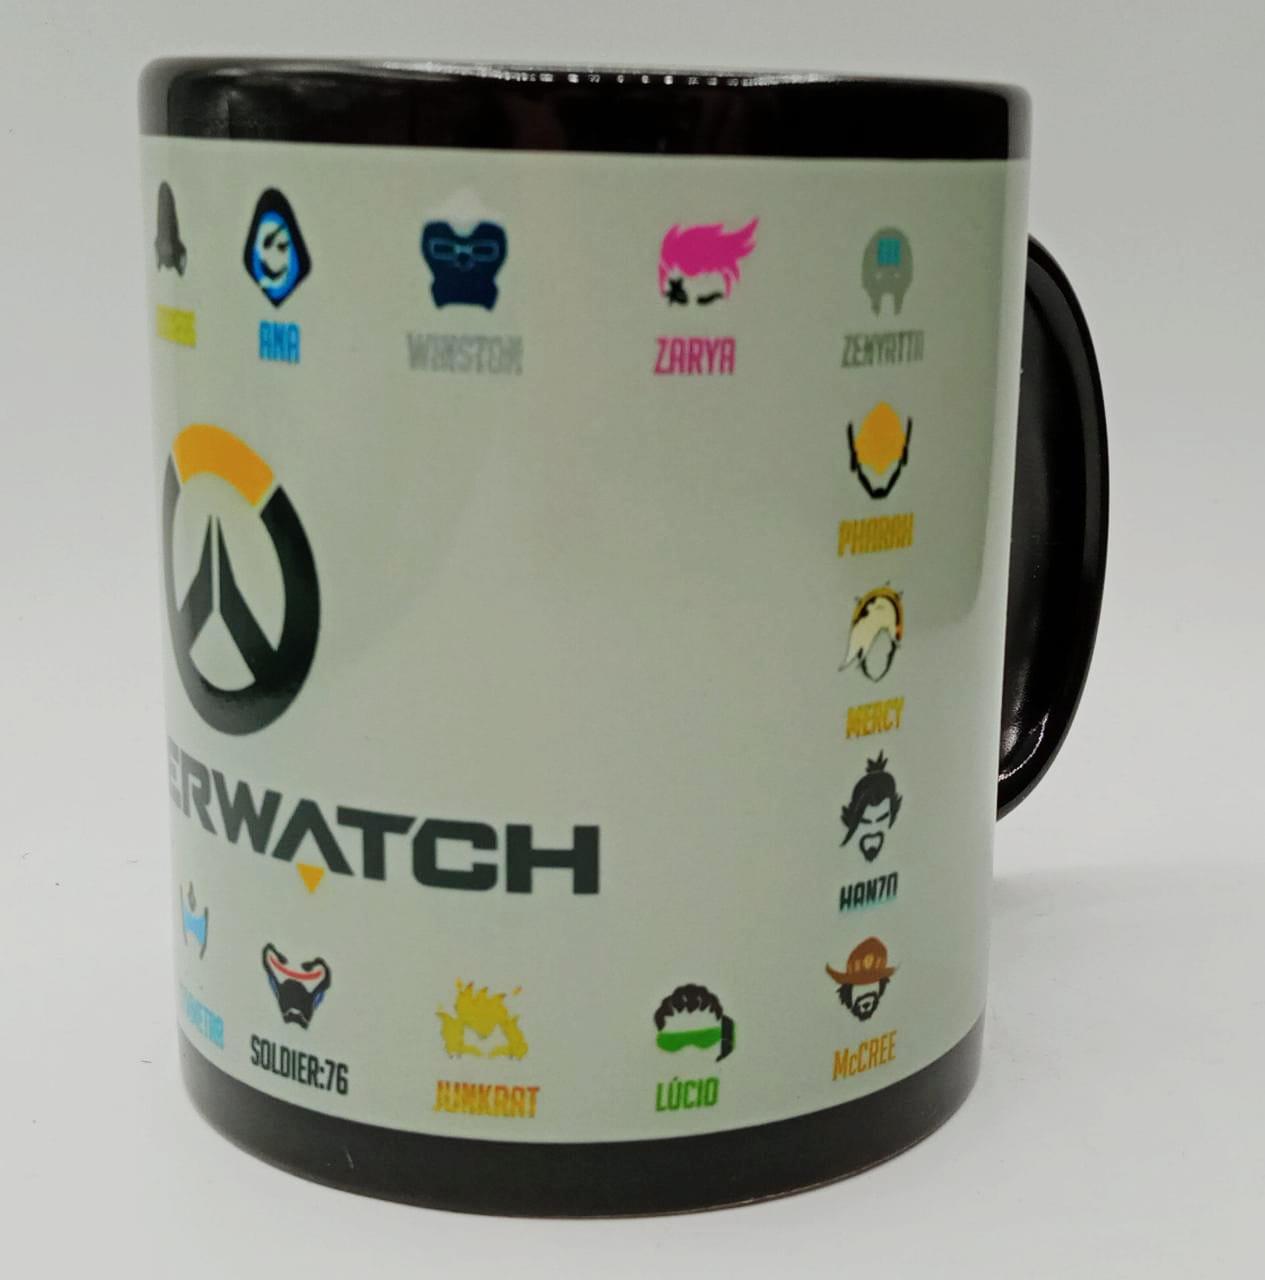 Caneca Personagens Overwatch (Preta)